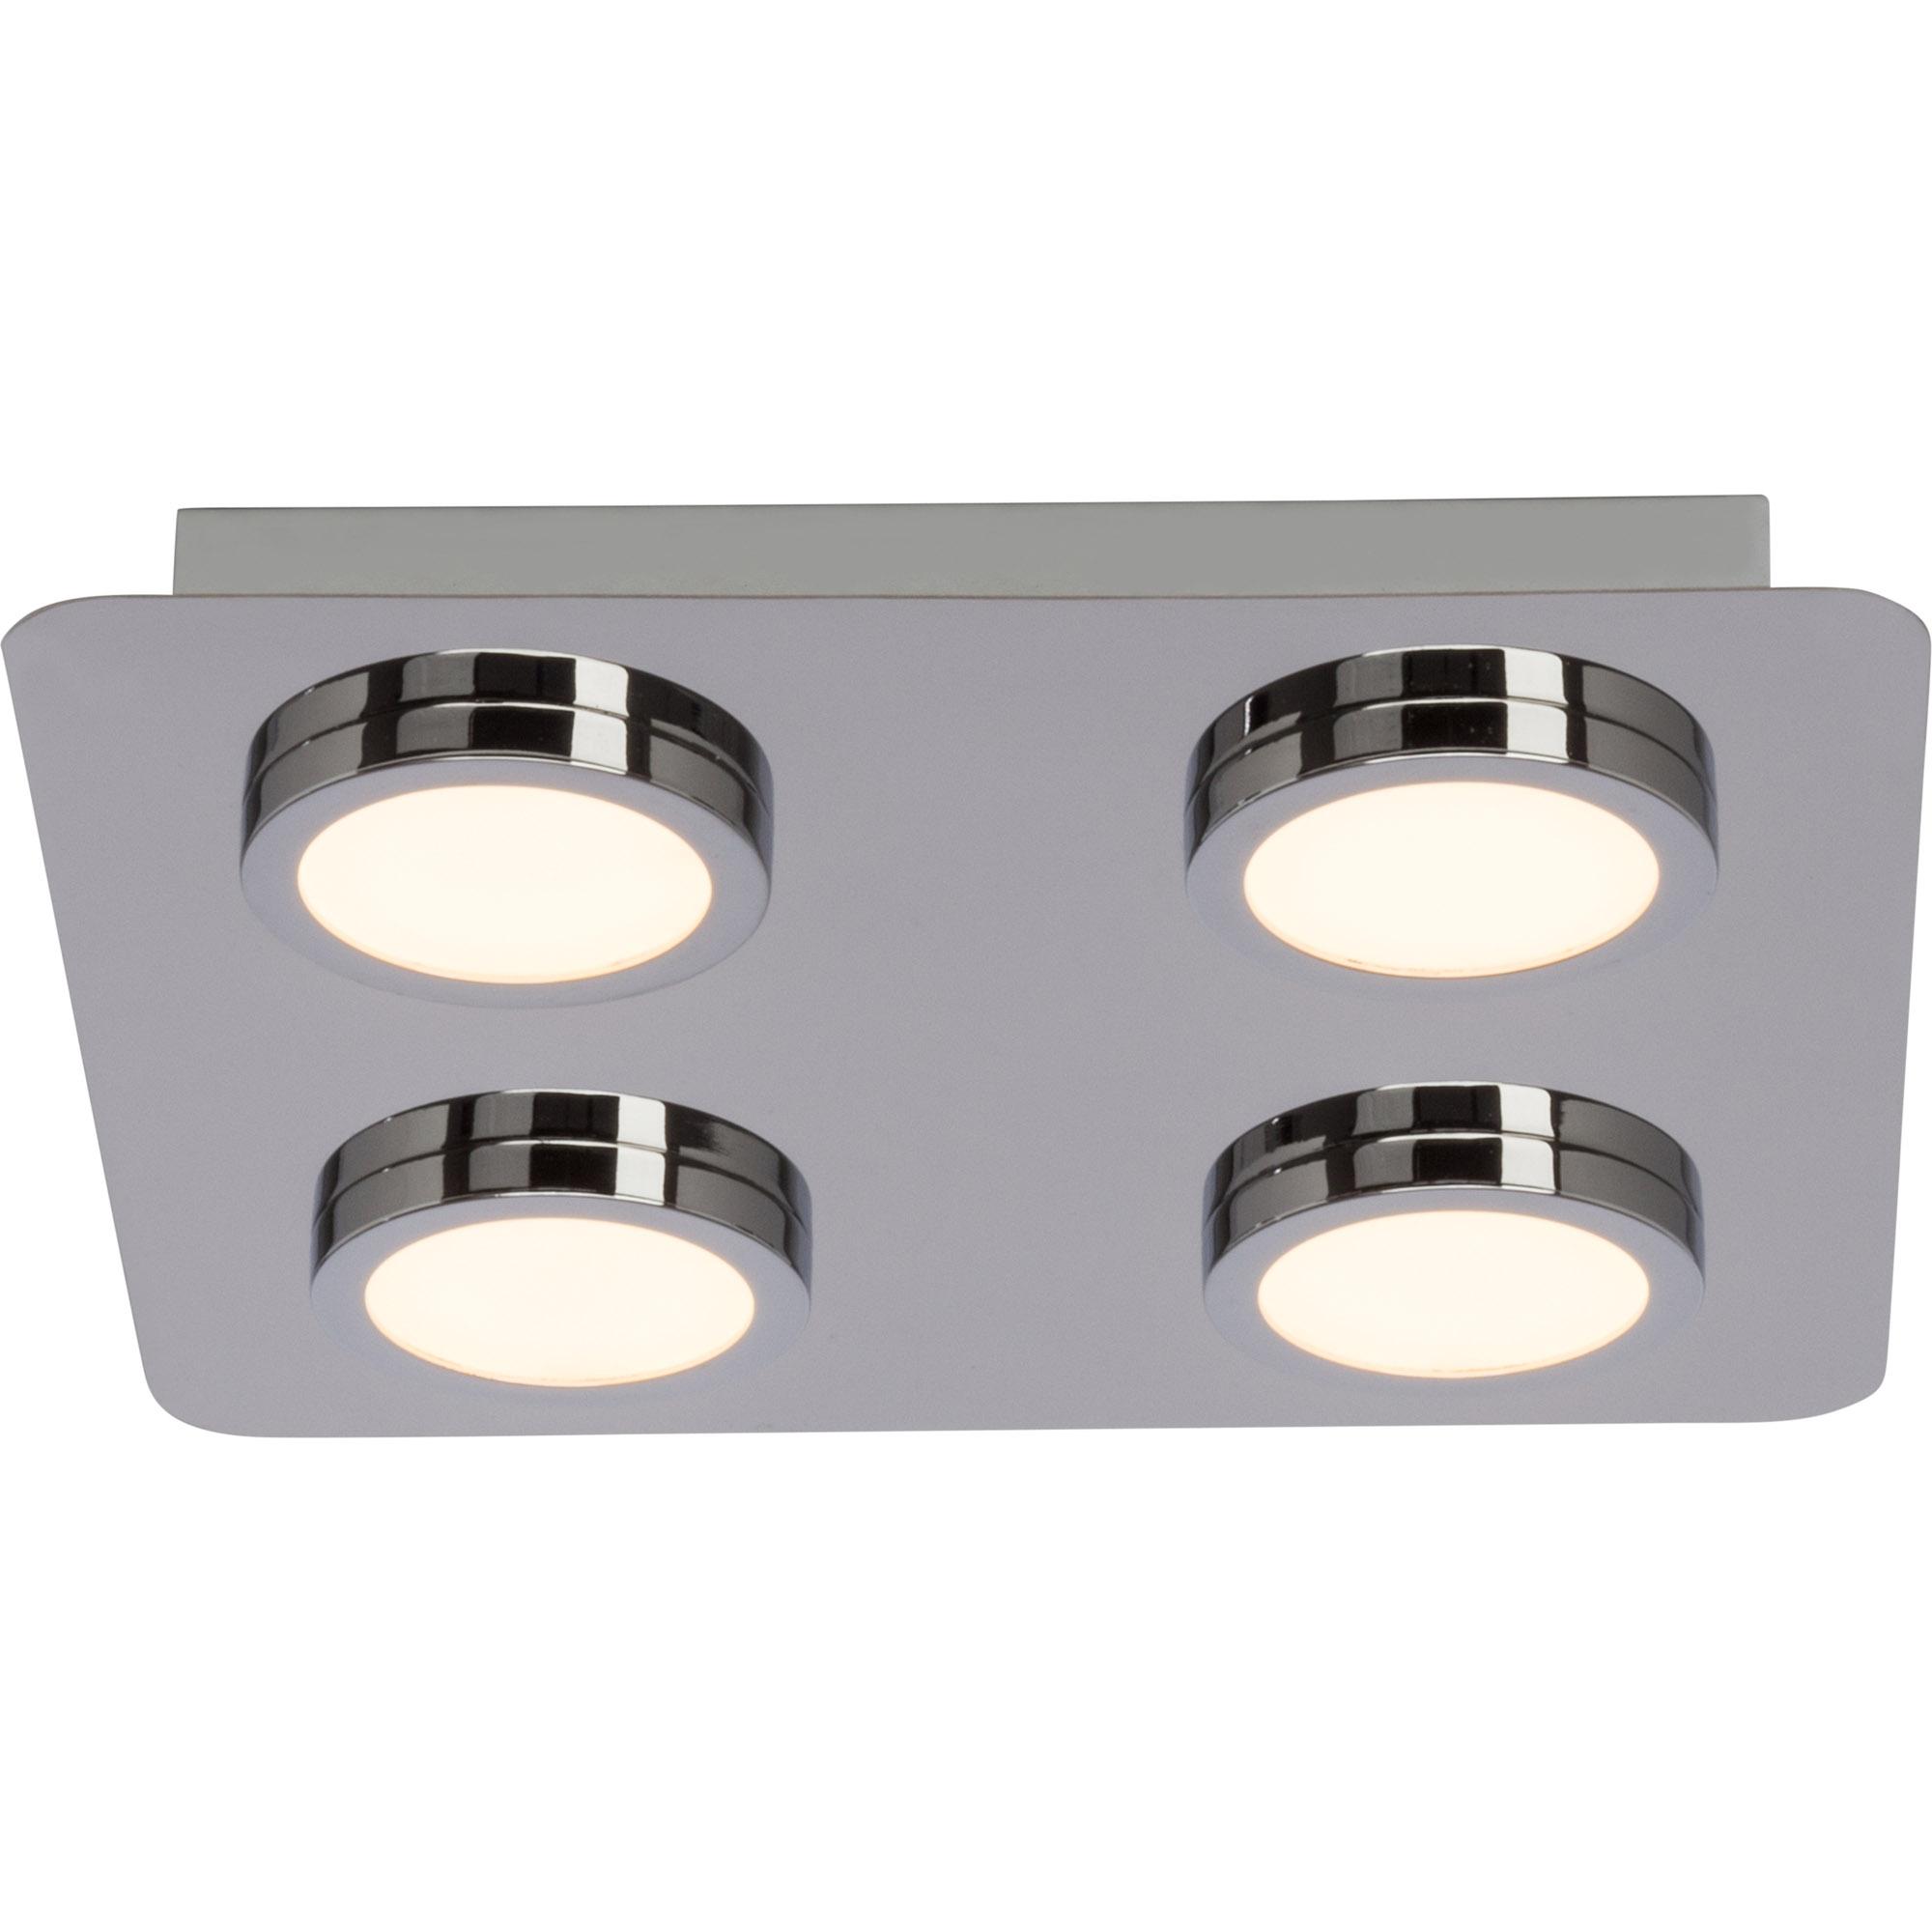 Badezimmer LED Deckenleuchte, IP16 Spritzwassergeschützt, 16x 16W LED  integriert, 16x 16 Lumen, 16K warmweiß, Metall / Kunststoff, chrom / weiß